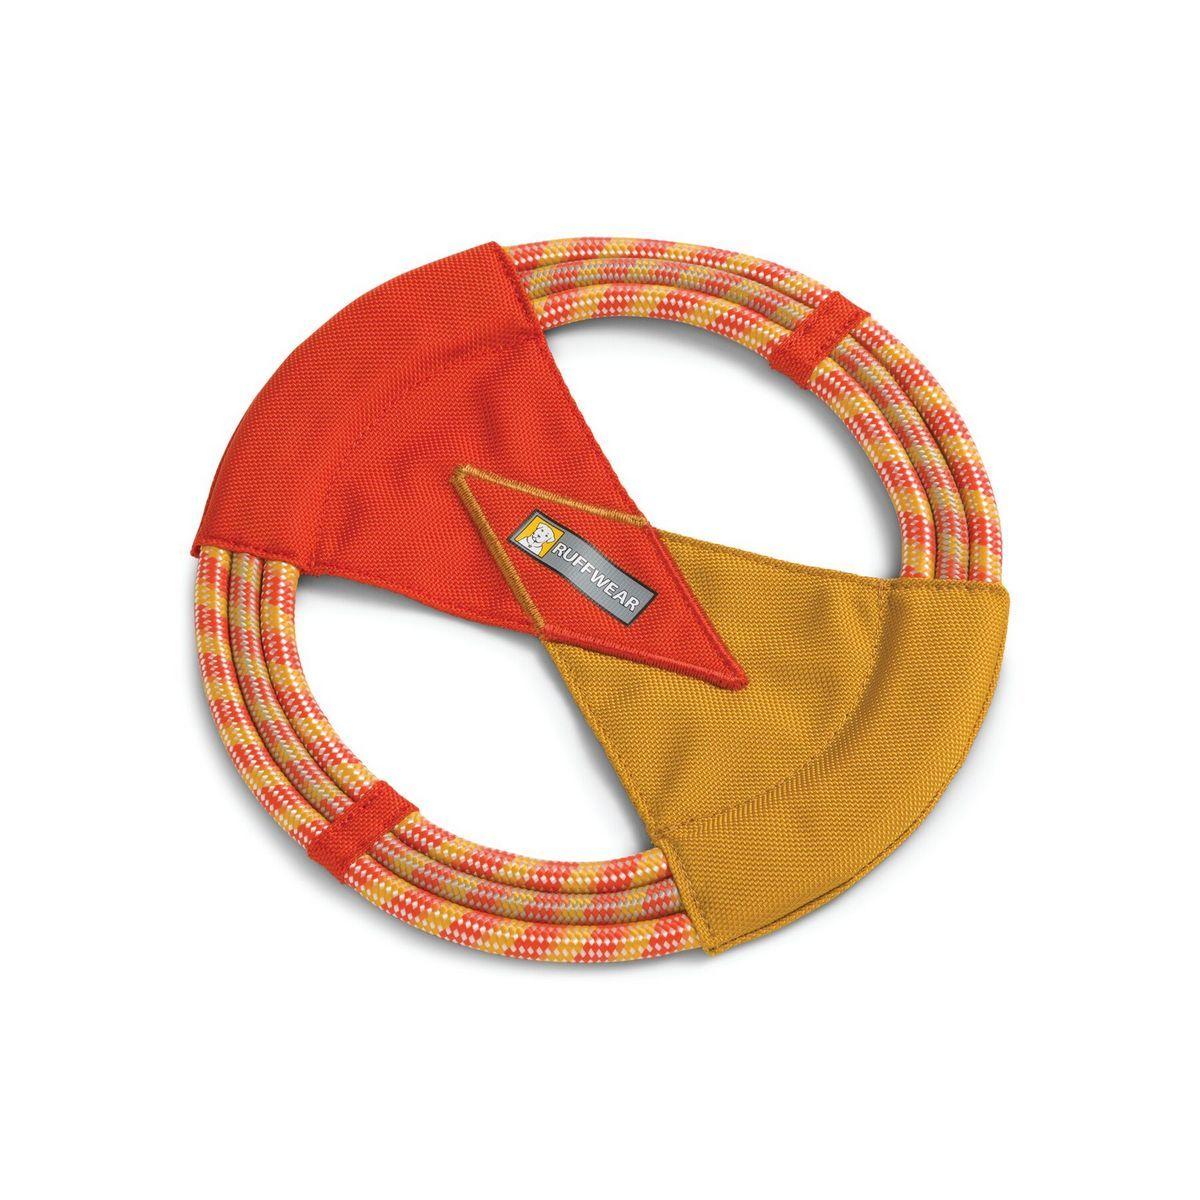 Ruffwear Pacific Ring Disc Dog Fetch Toy, Sockeye Red